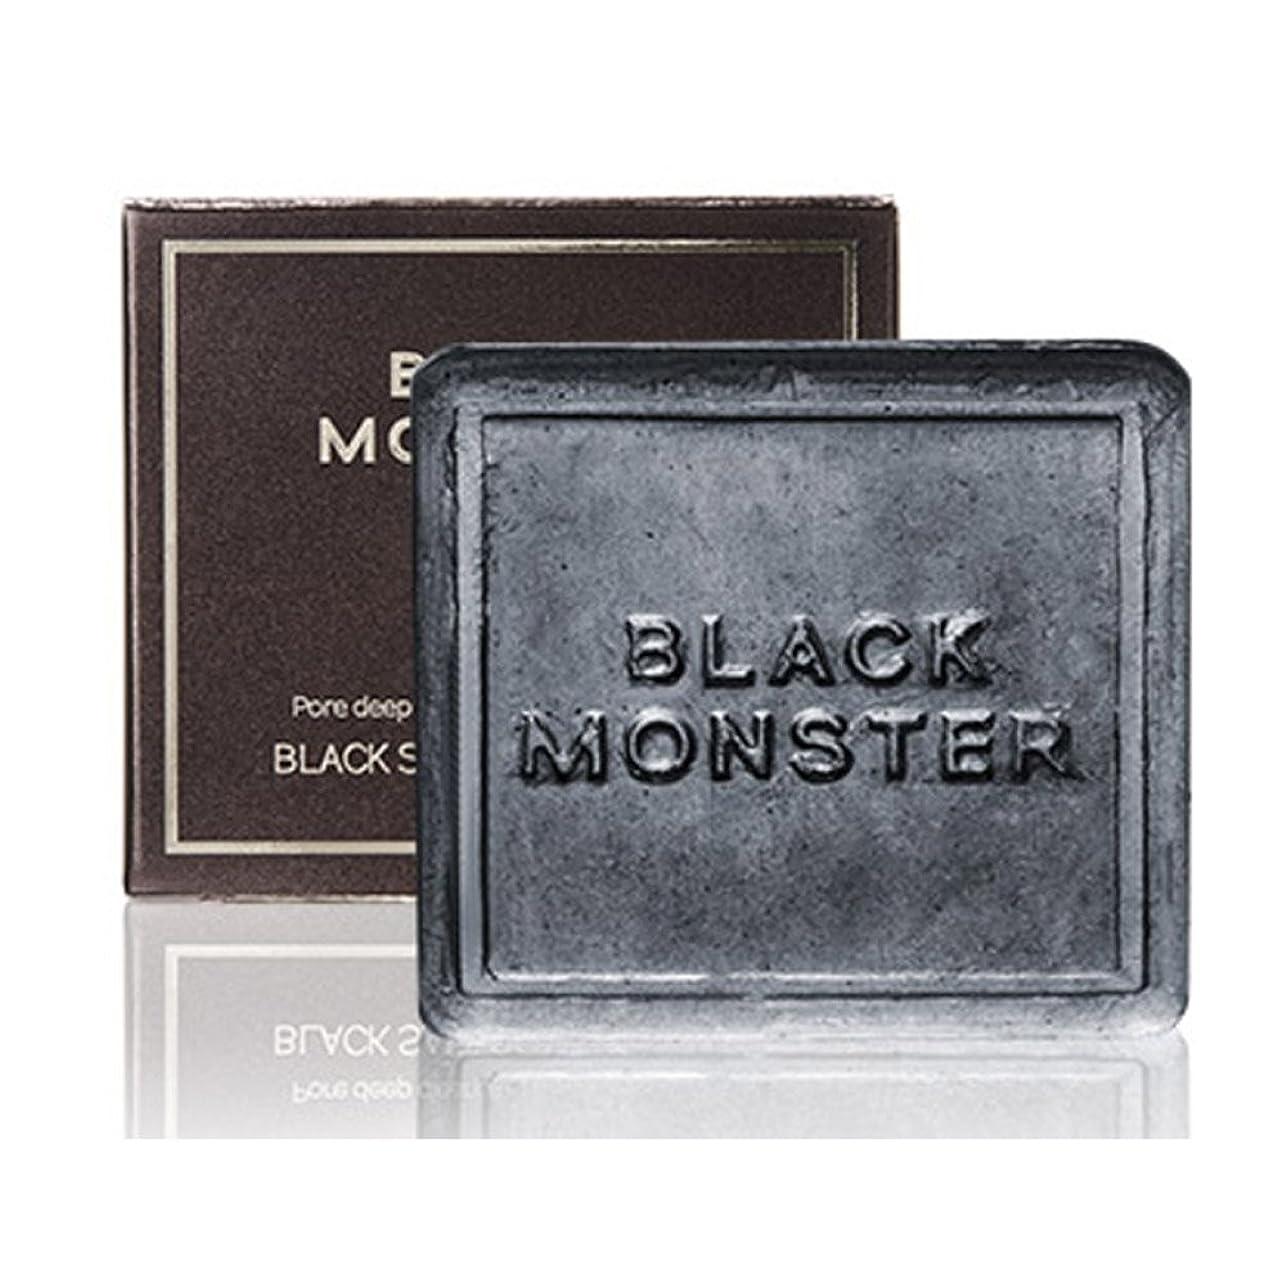 ハンドブック羽マーカー[ブレンクTV] blanktv Black Monster ブラックソルトコントロールバー 120g 海外直送品 black salt control bar [並行輸入品]